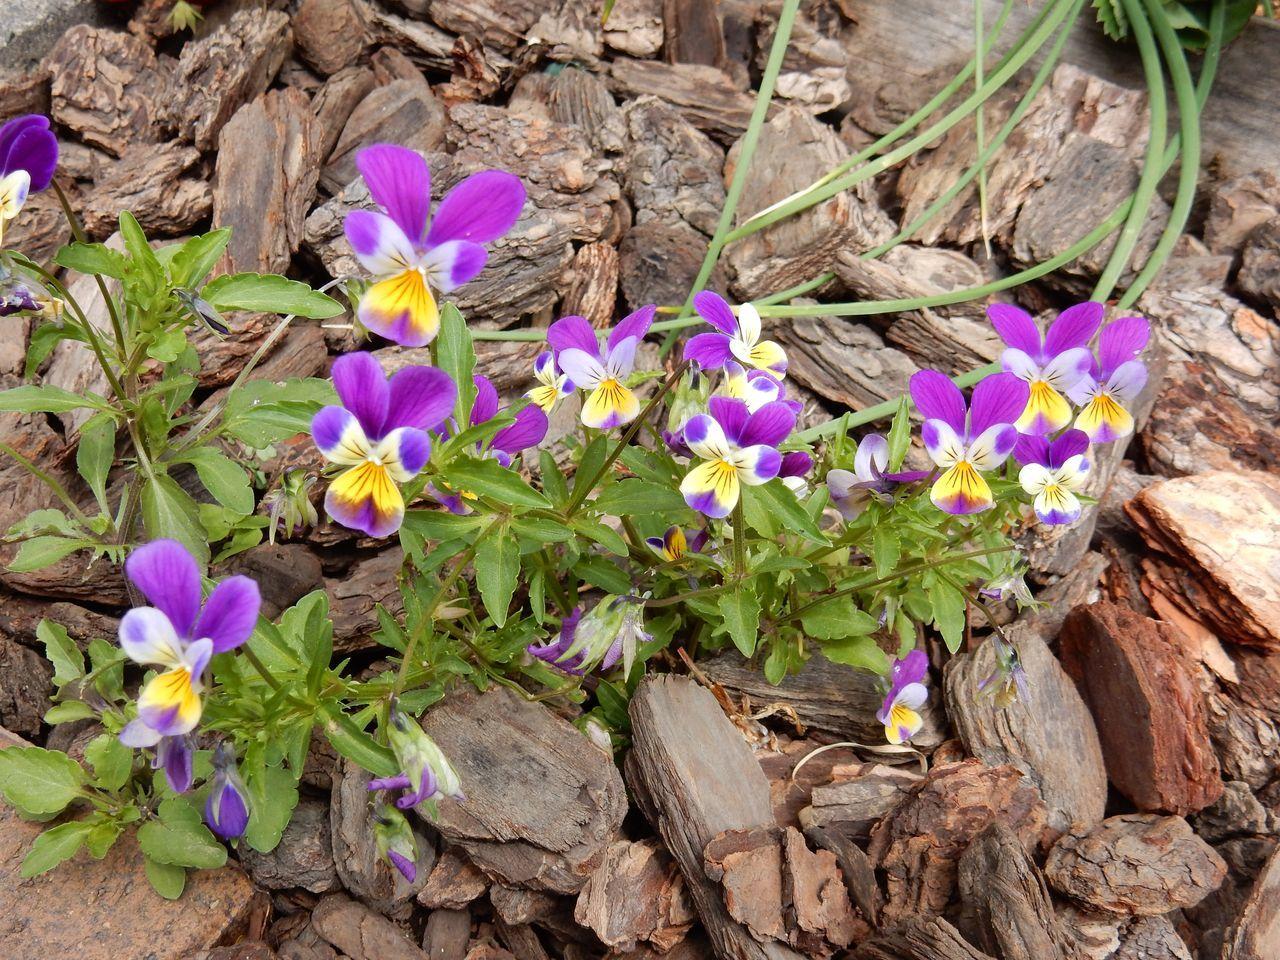 花落ちてナツツバキの季節が始まったことを知る_c0025115_22101242.jpg